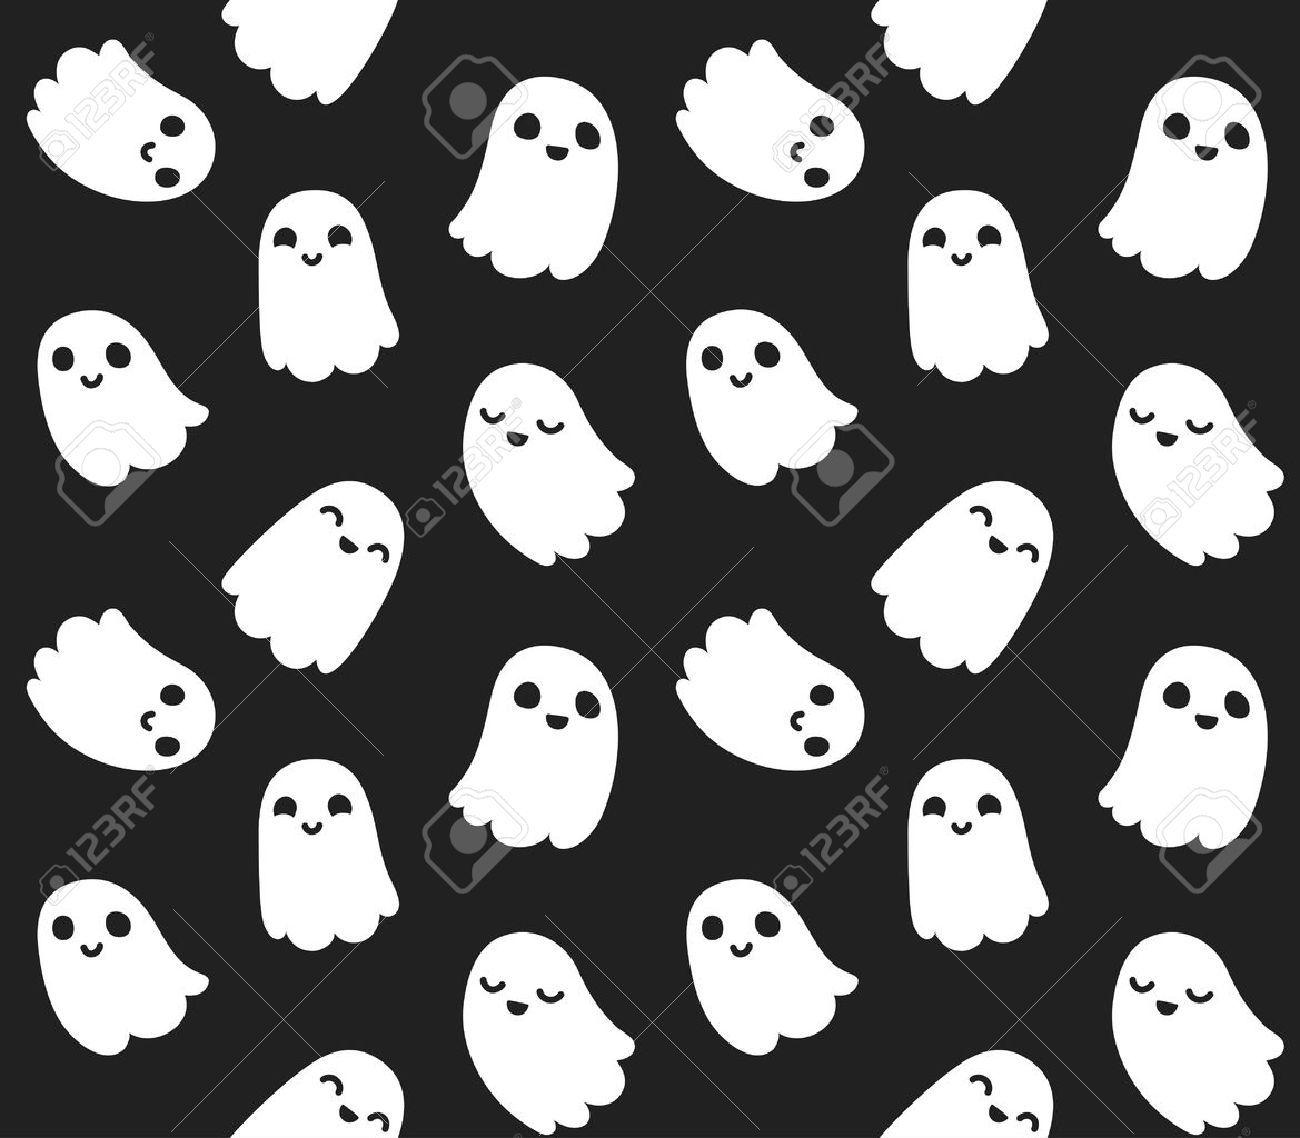 Pin by Allysa Moss on spooky in 2020 Ghost cartoon, Cute